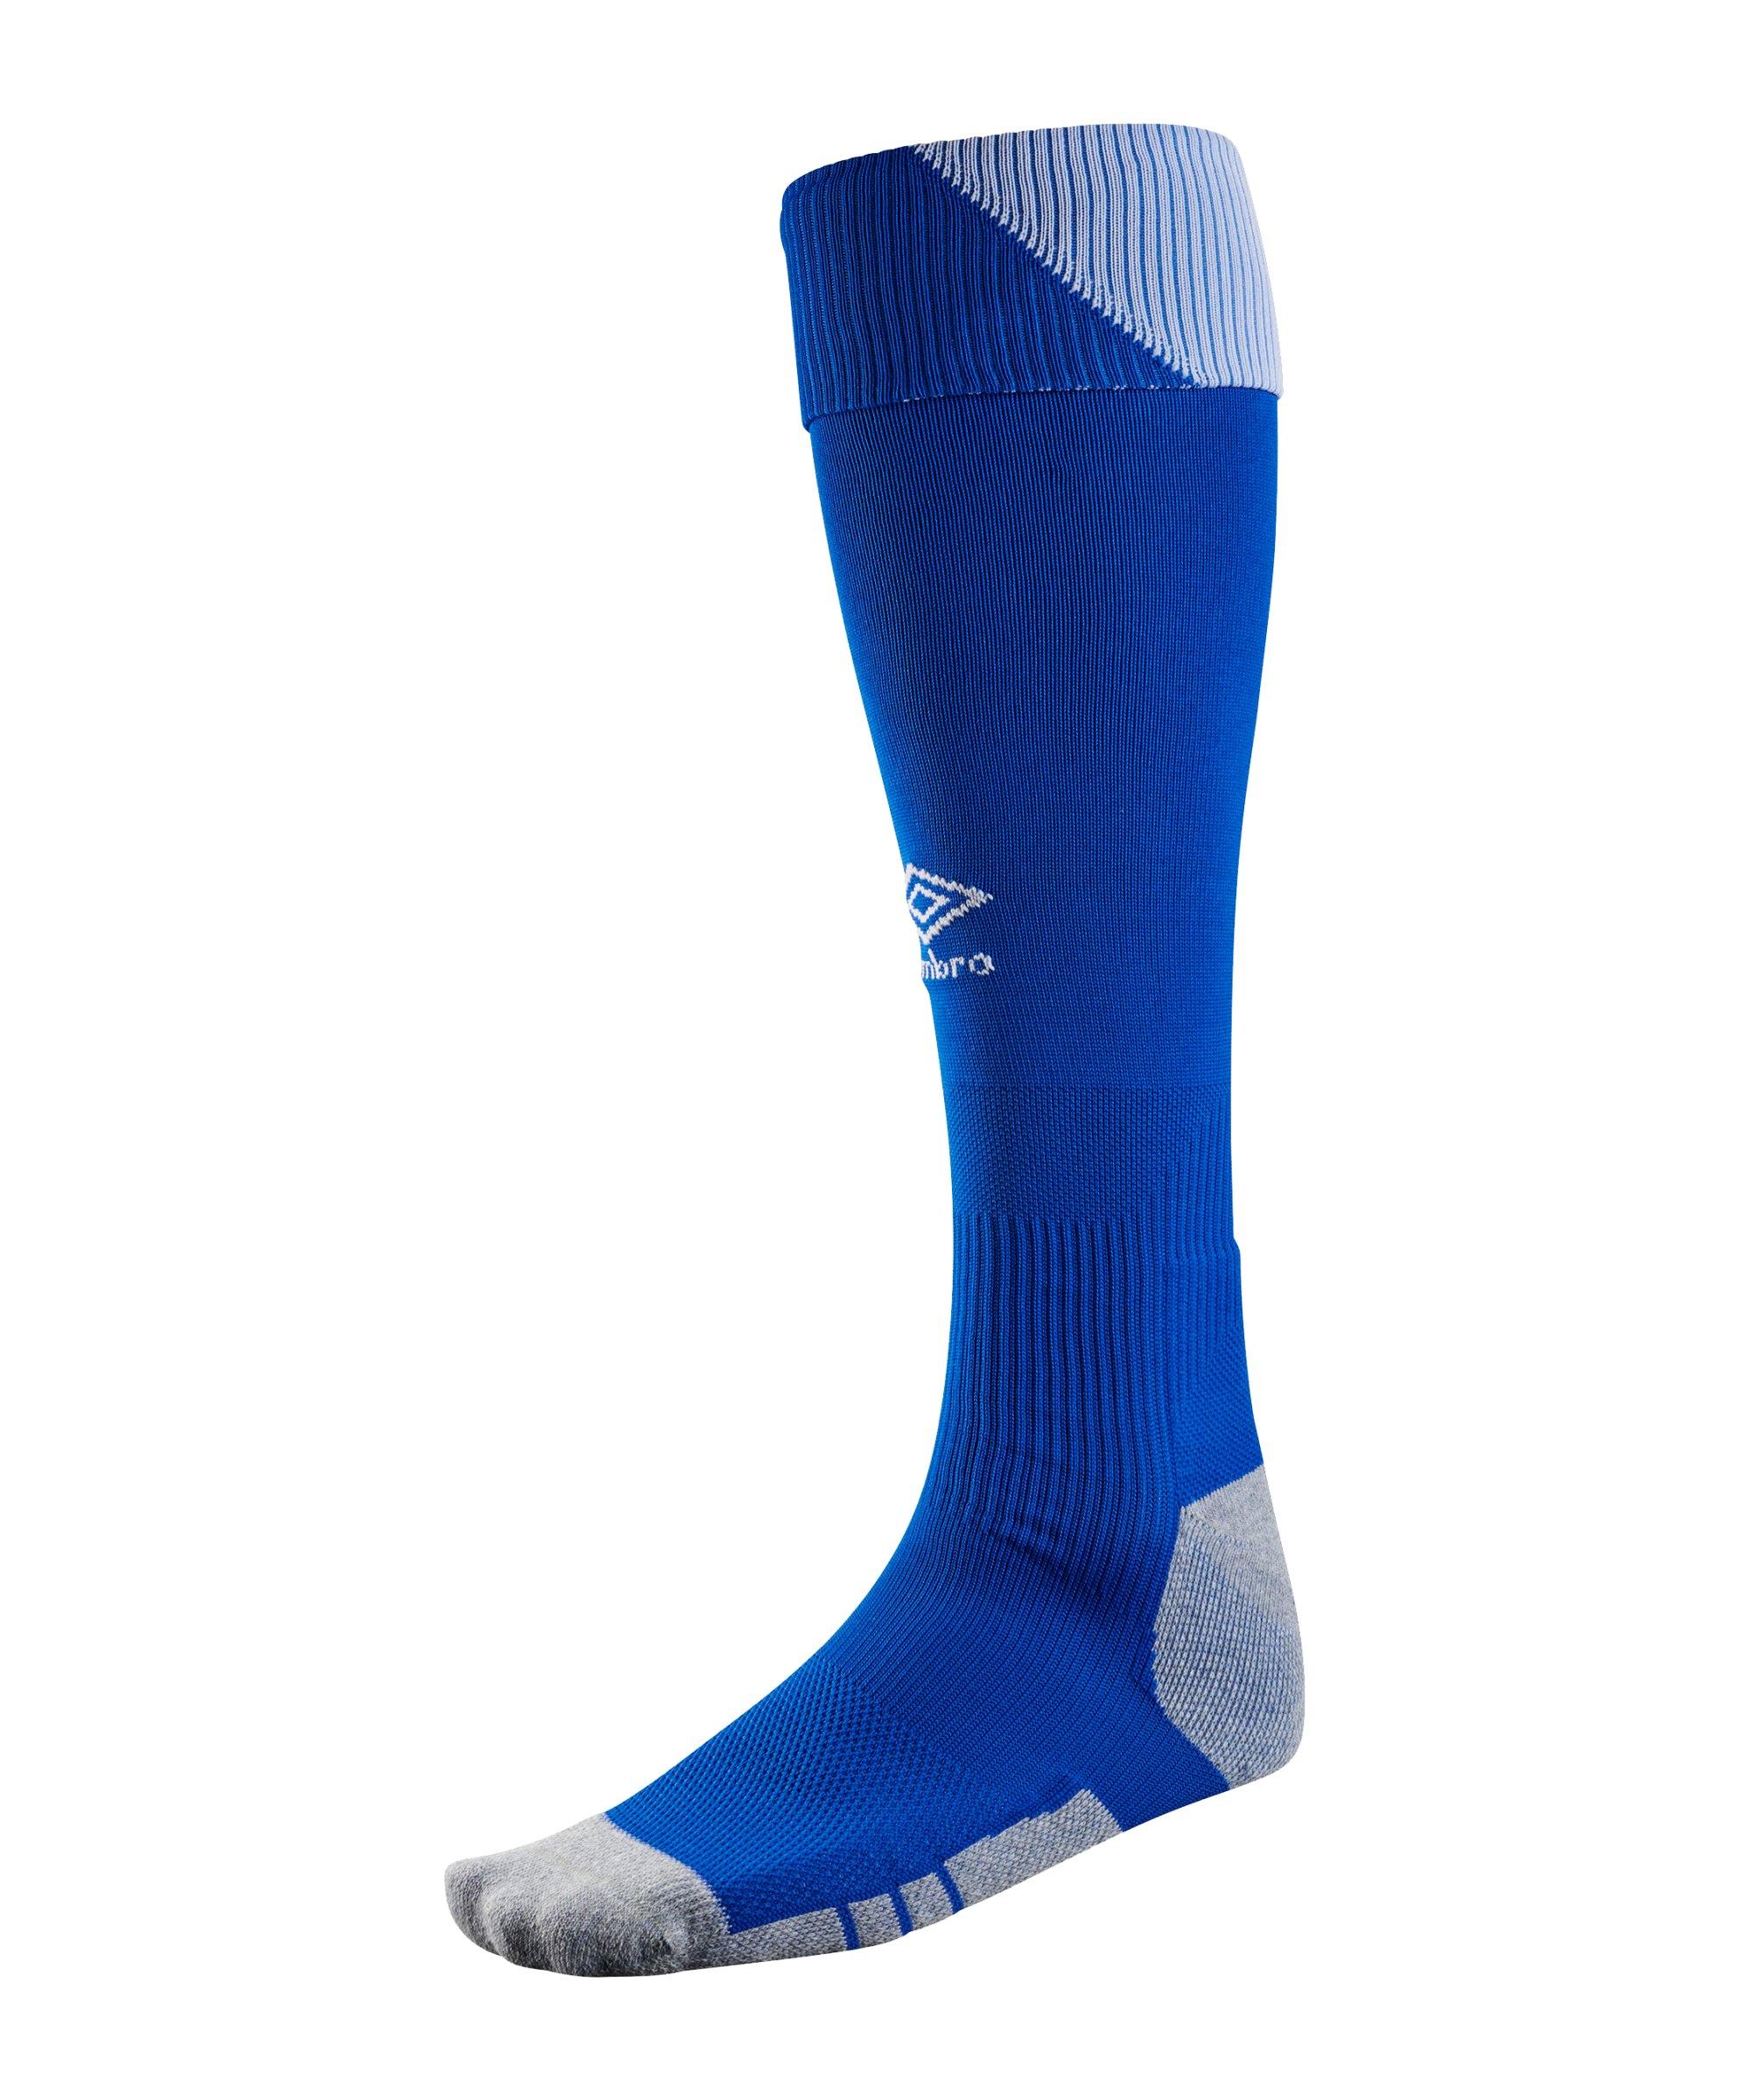 Umbro FC Schalke 04 Stutzen Home 2021/2022 Blau - blau